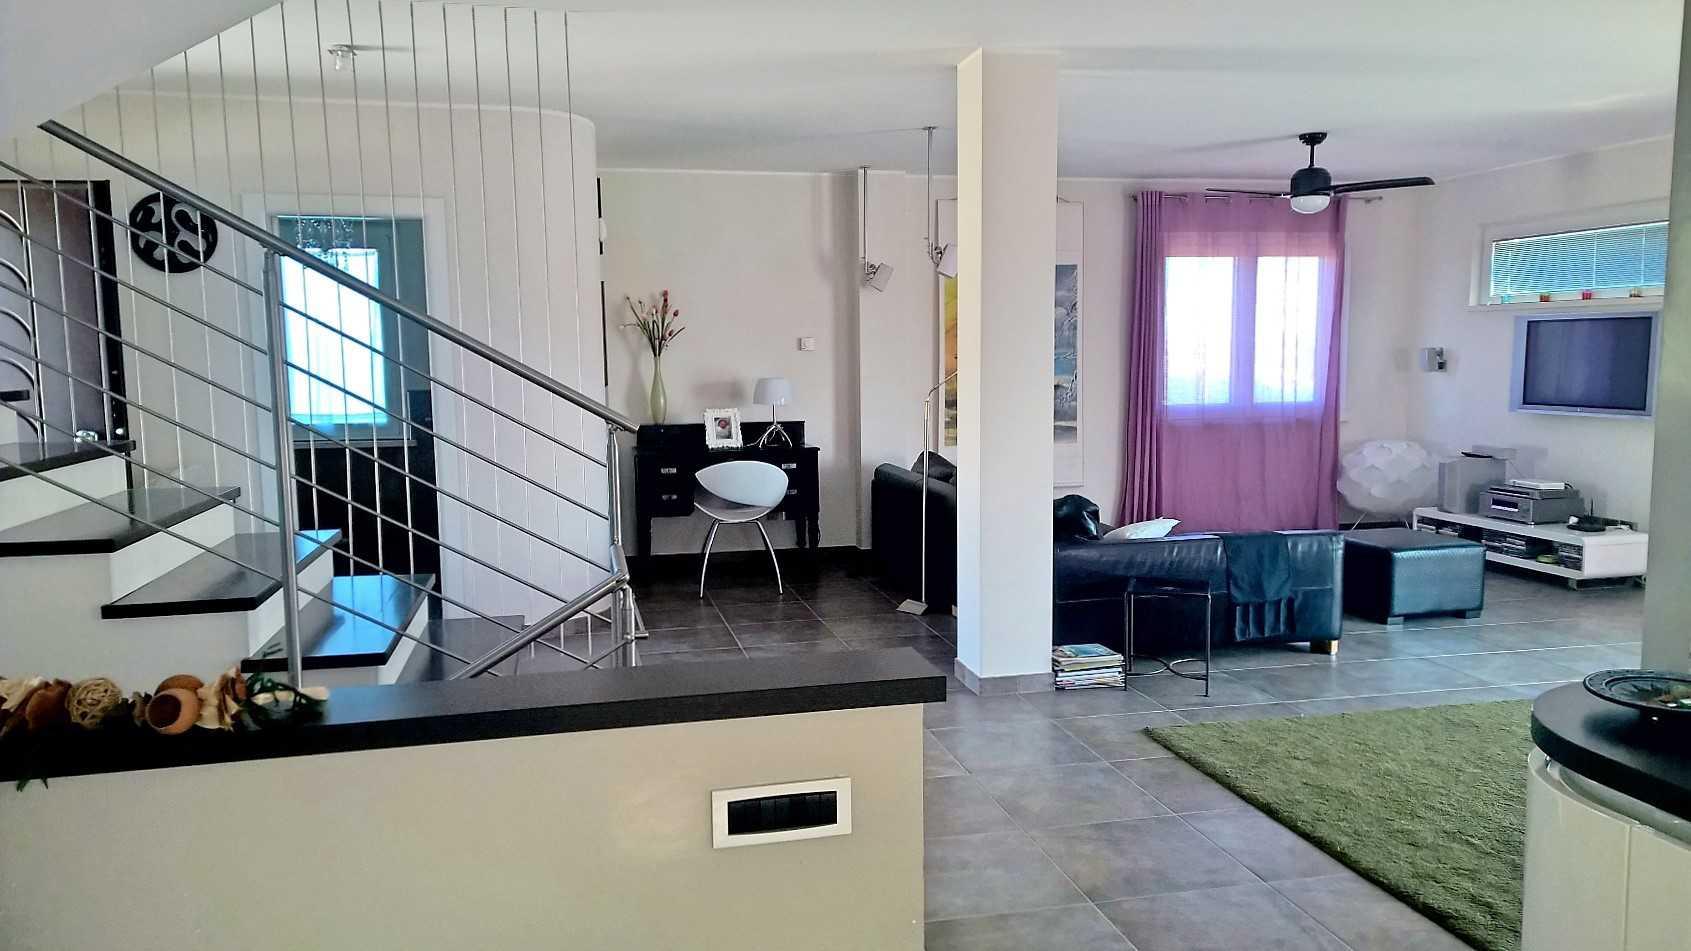 Villa Villa in vendita Città Sant'Angelo (PE), Villa Silvia - Città Sant'Angelo - EUR 442.177 180